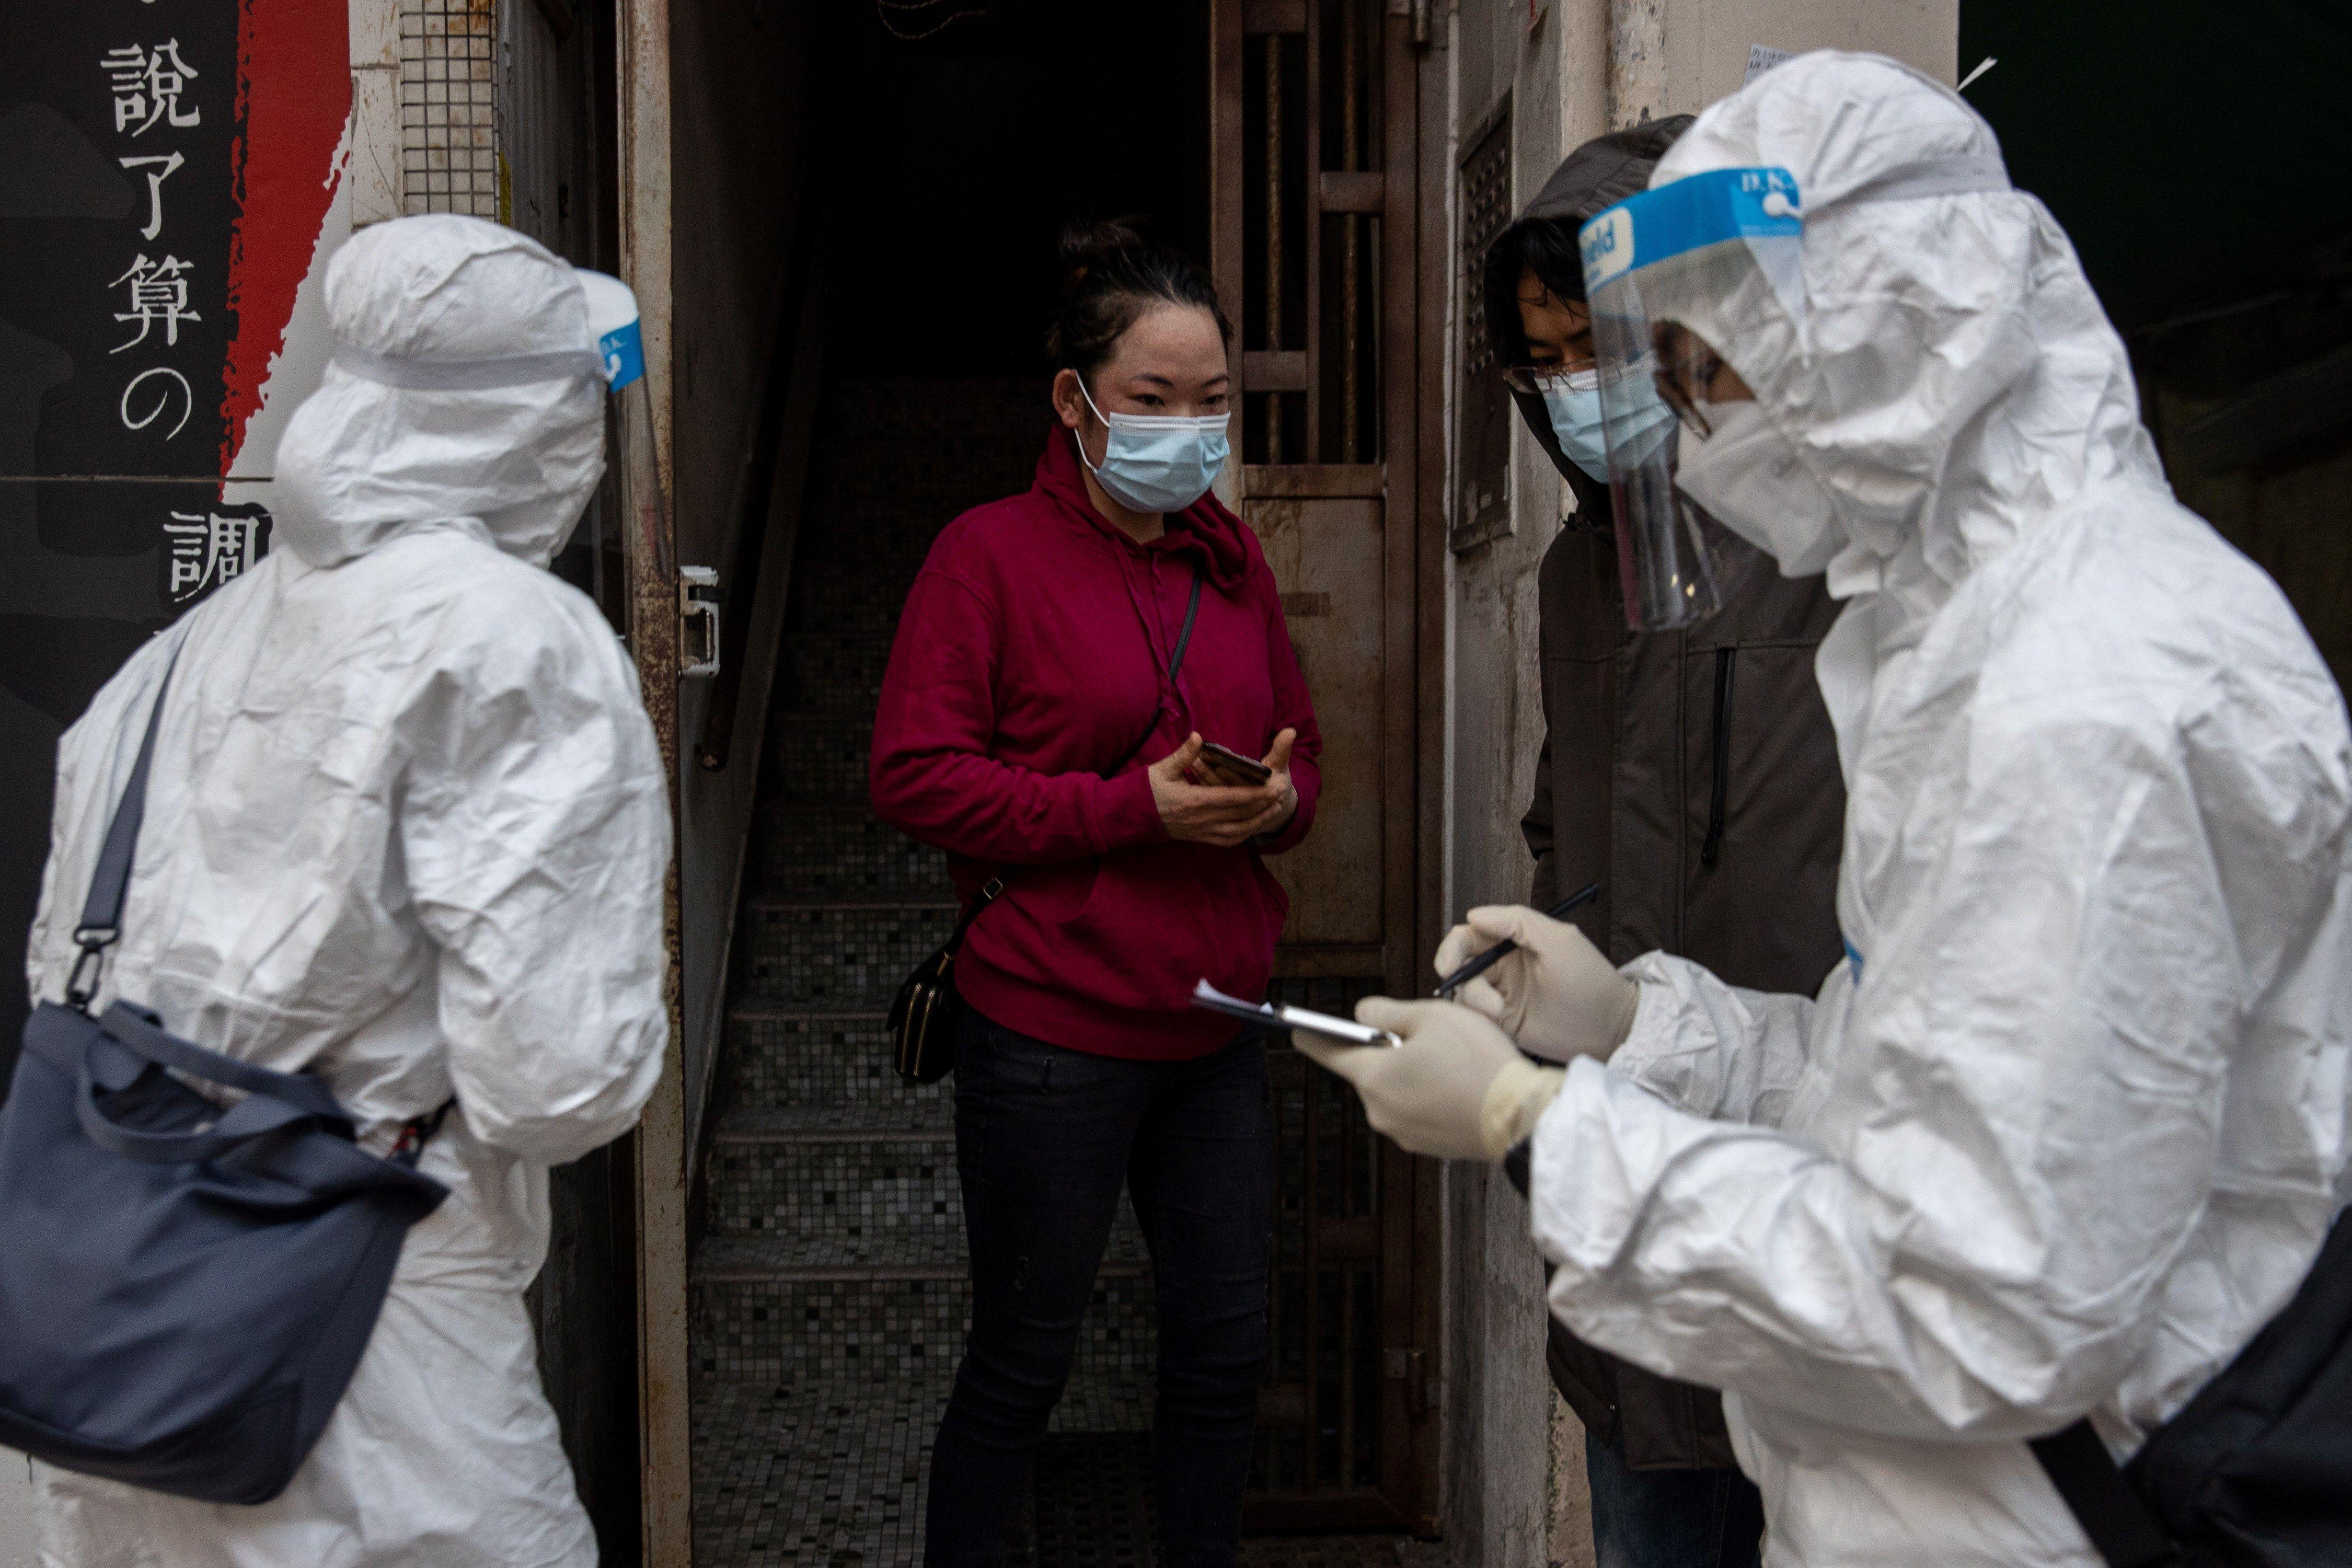 Hisopados en China. (EFE)